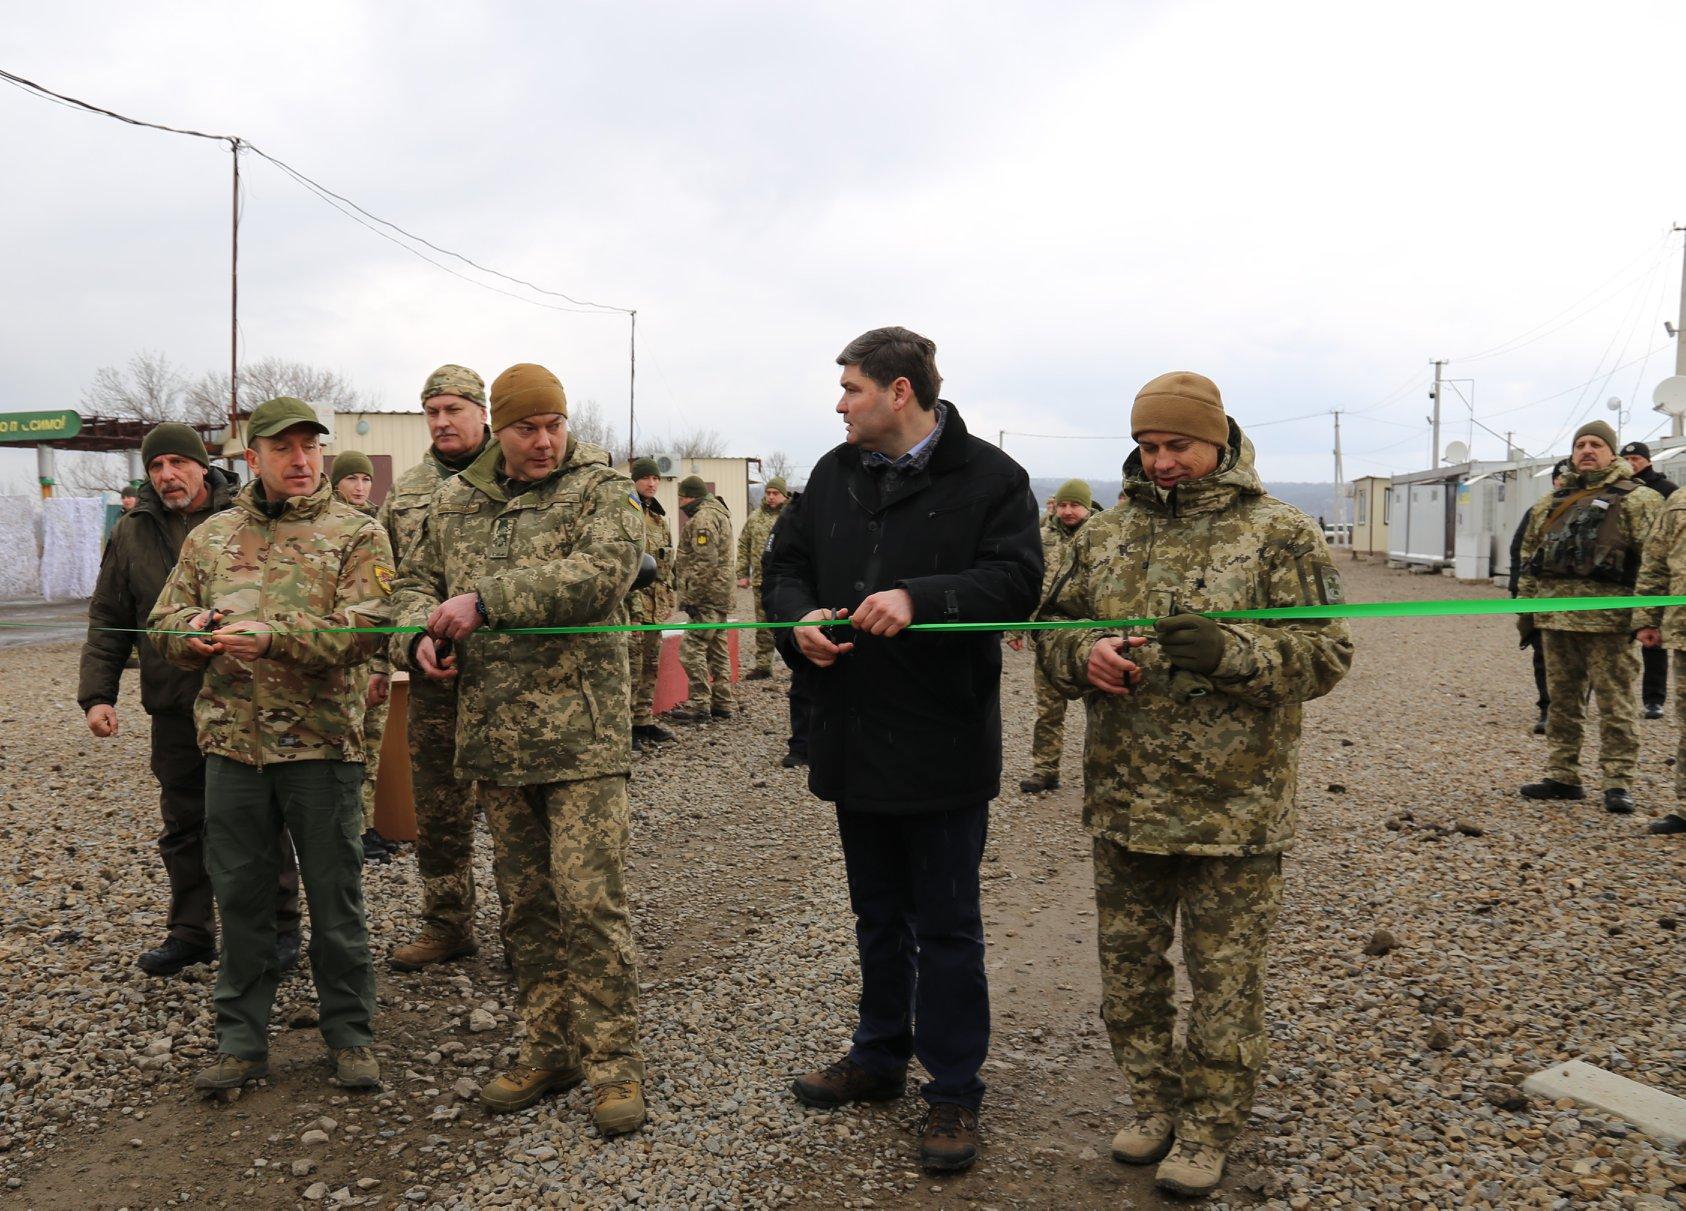 Ленточку перерезали на пустом КПВВ: украинская сторона открыла «Золотое», «ЛНР» — нет